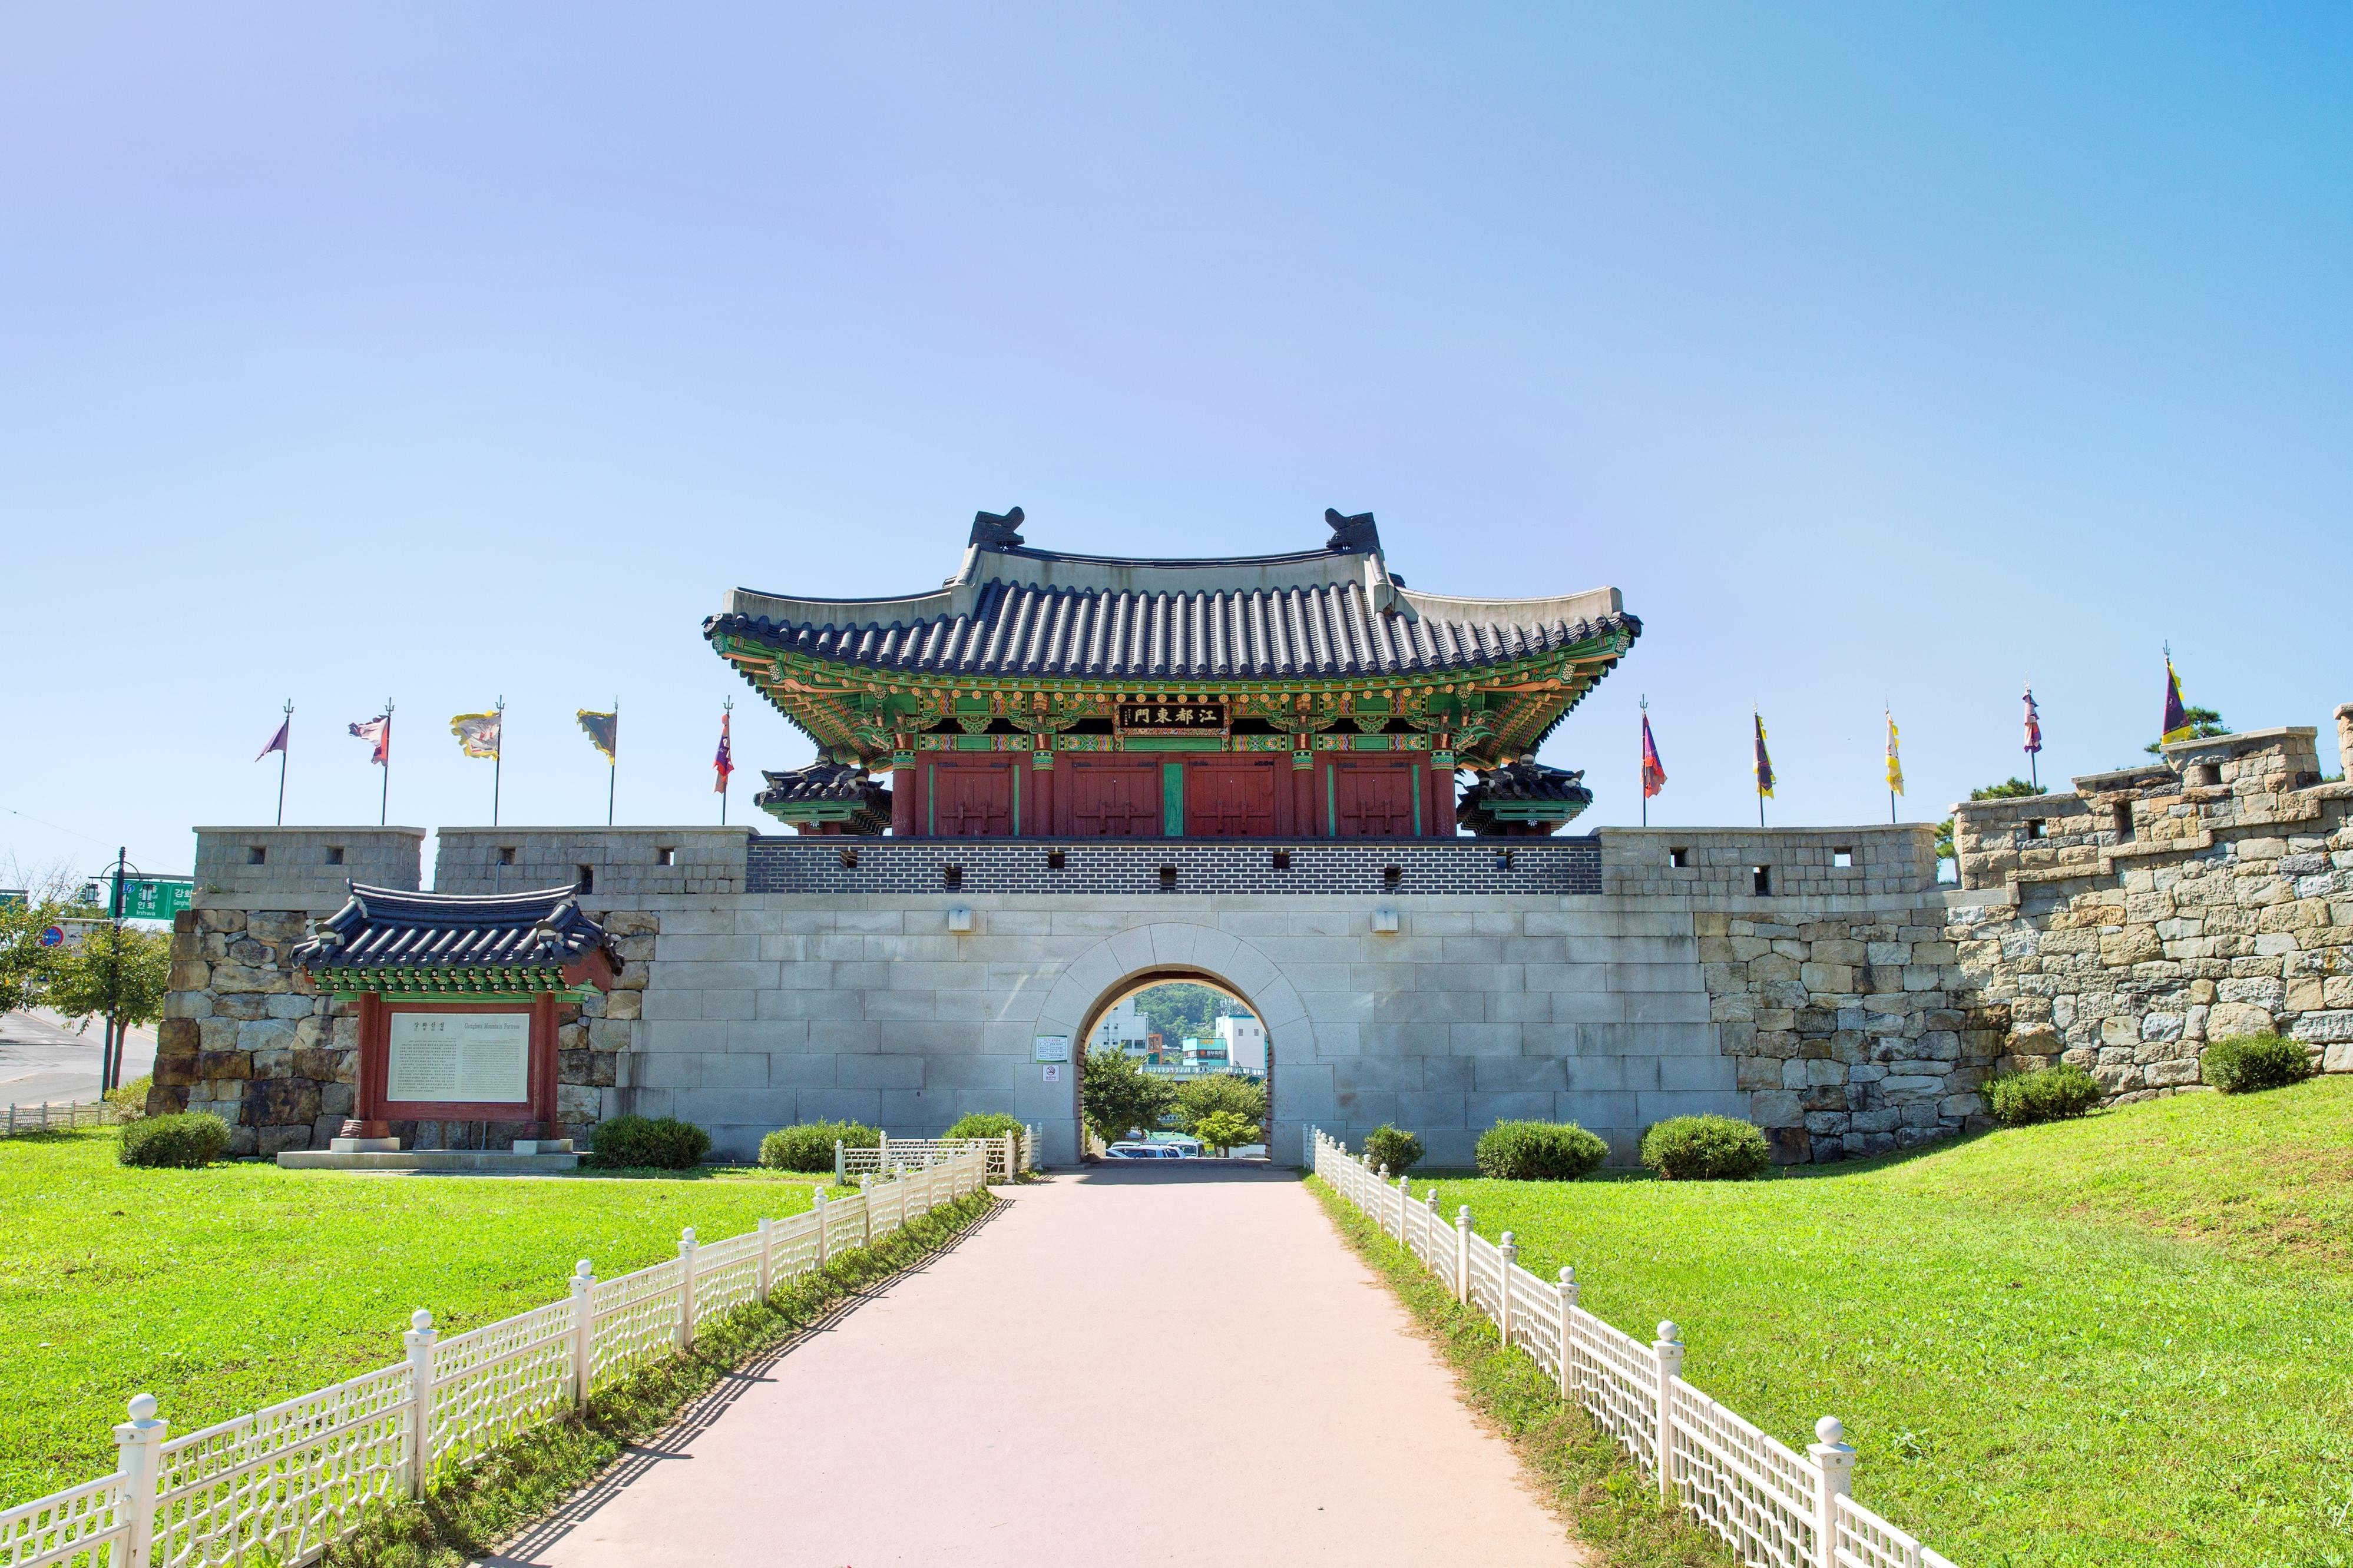 Ganghwasanseong Fortress